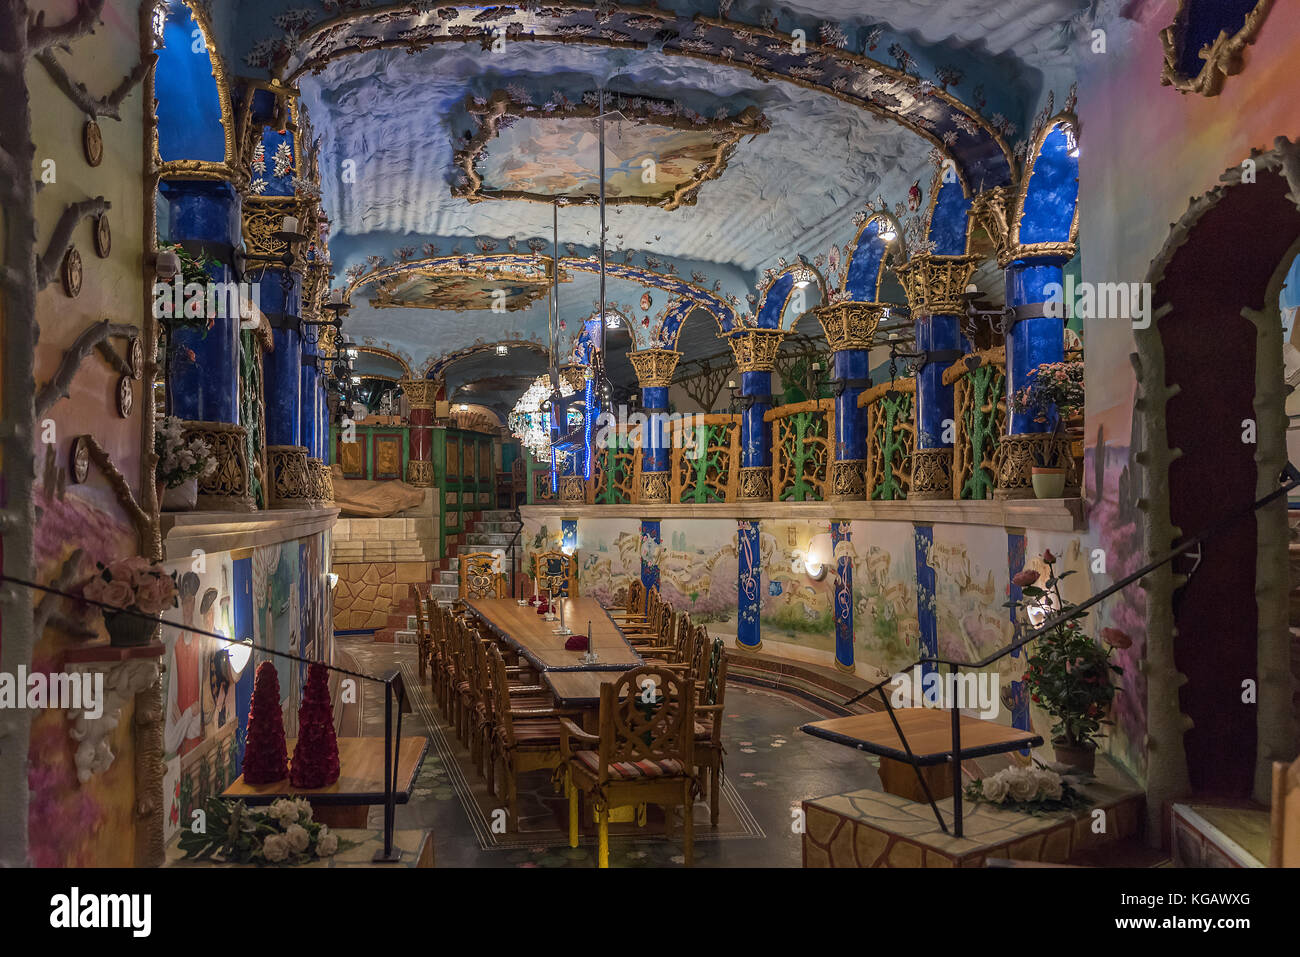 Sala del Monte im Montagnetto der Iserhatsche in Bispingen. Ein ganz besonderer Festsaal mit wunderschönen - Stock Image